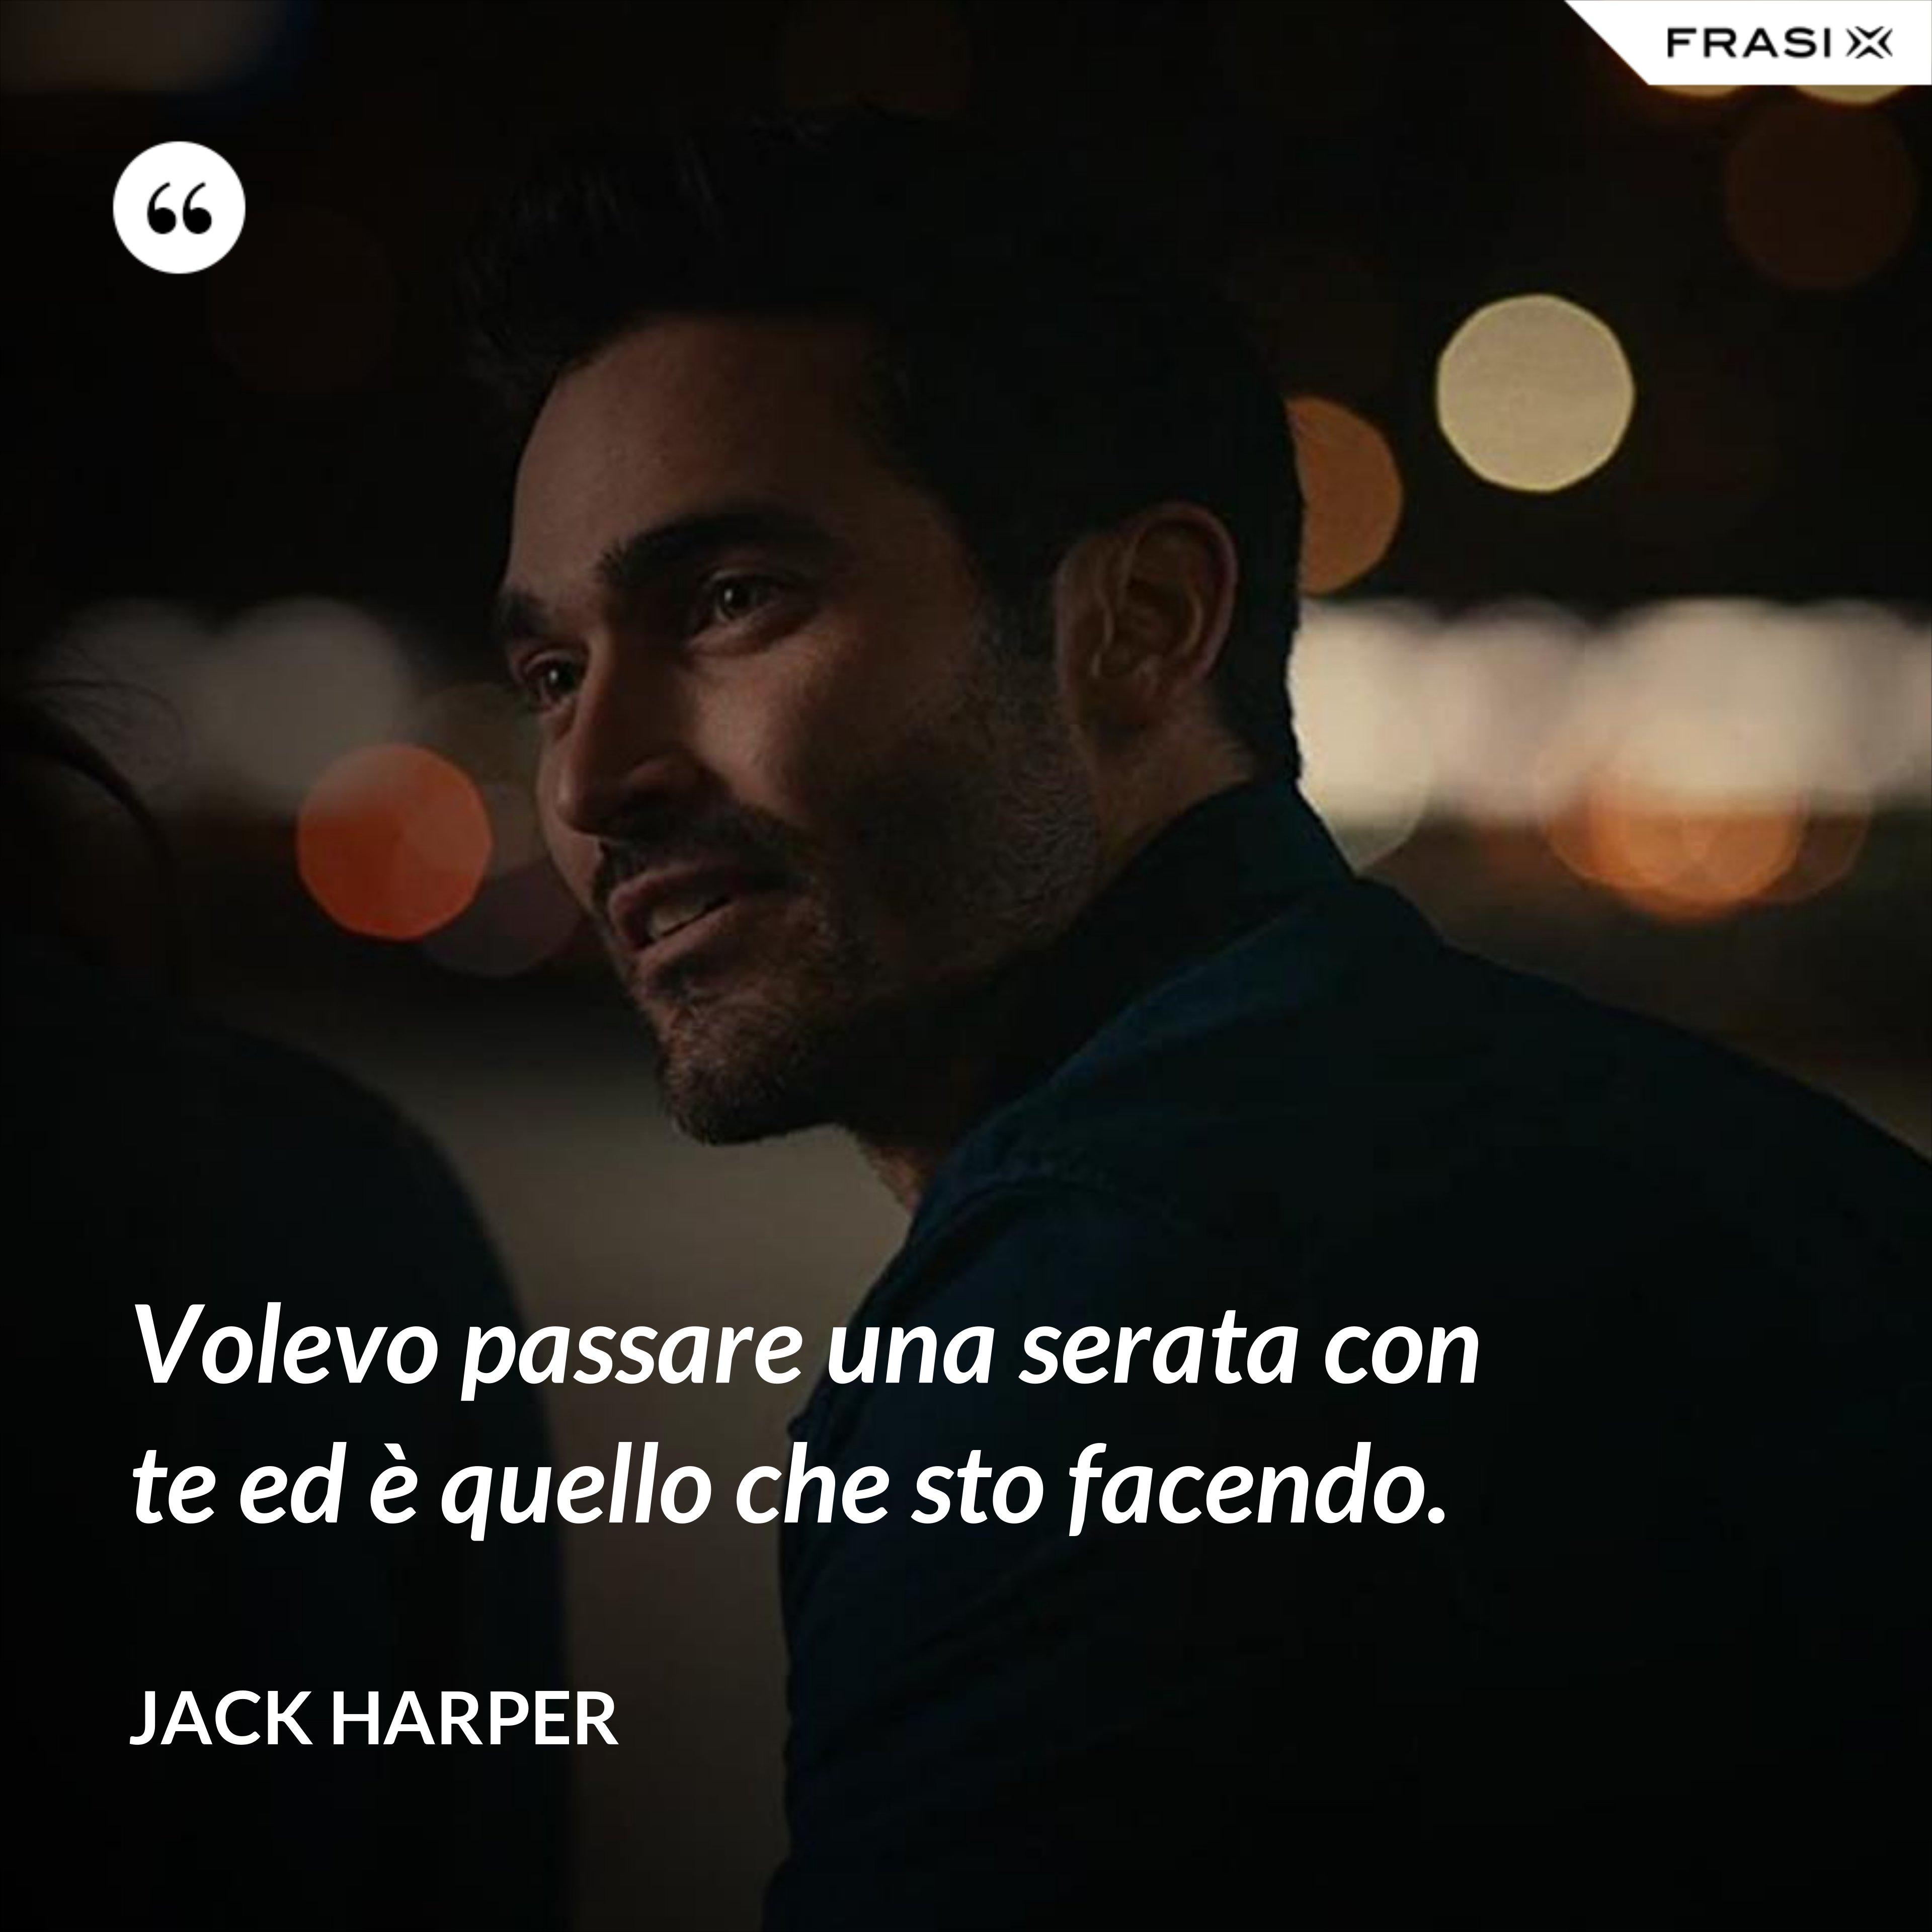 Volevo passare una serata con te ed è quello che sto facendo. - Jack Harper